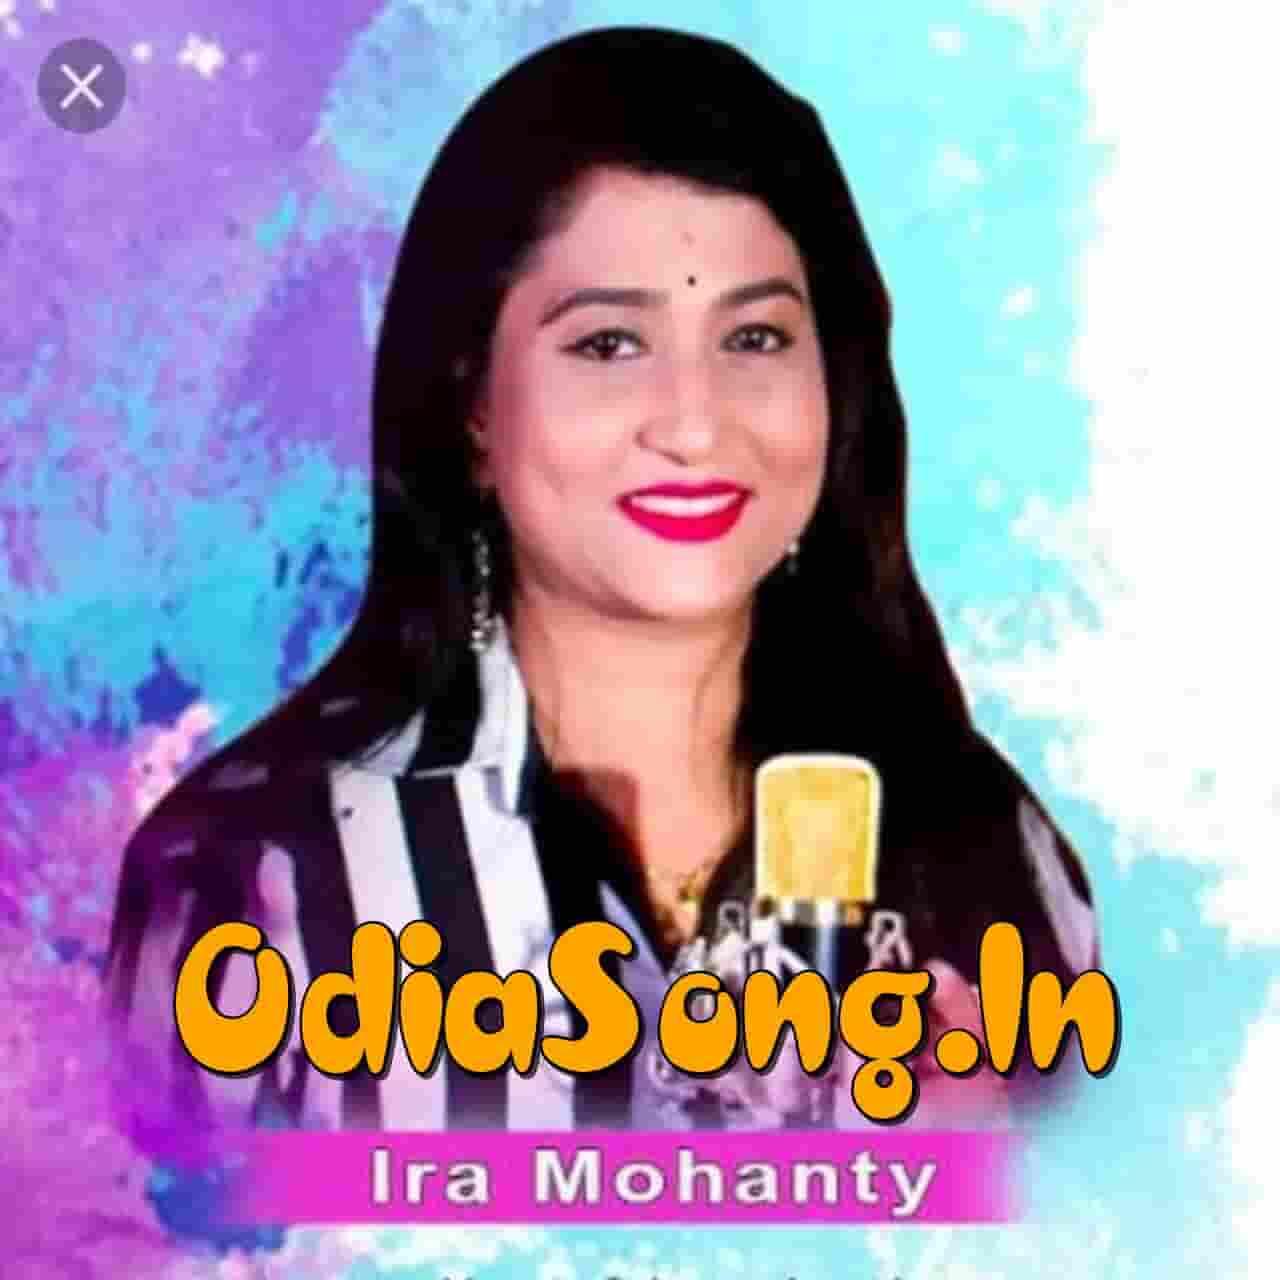 Dj Babu - Odia Masti Song (Ira Mohanty)